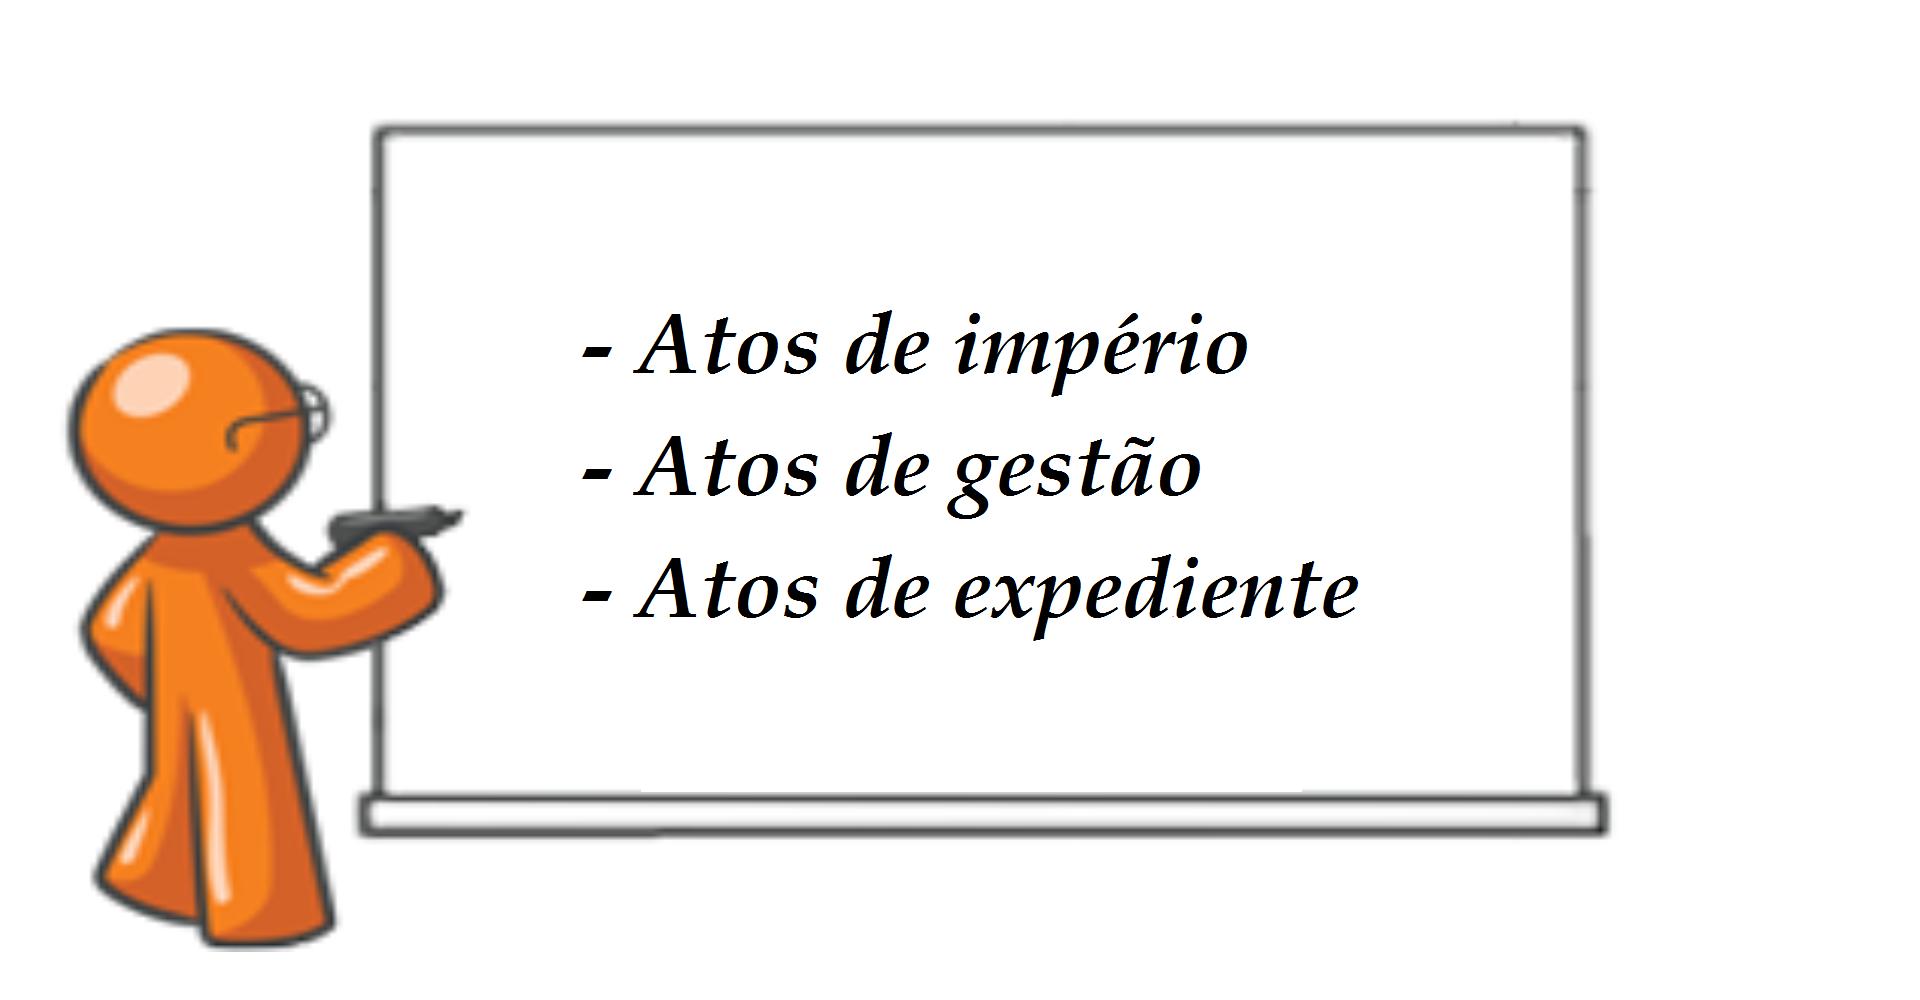 Atos administrativos de império,  de gestão e de expediente